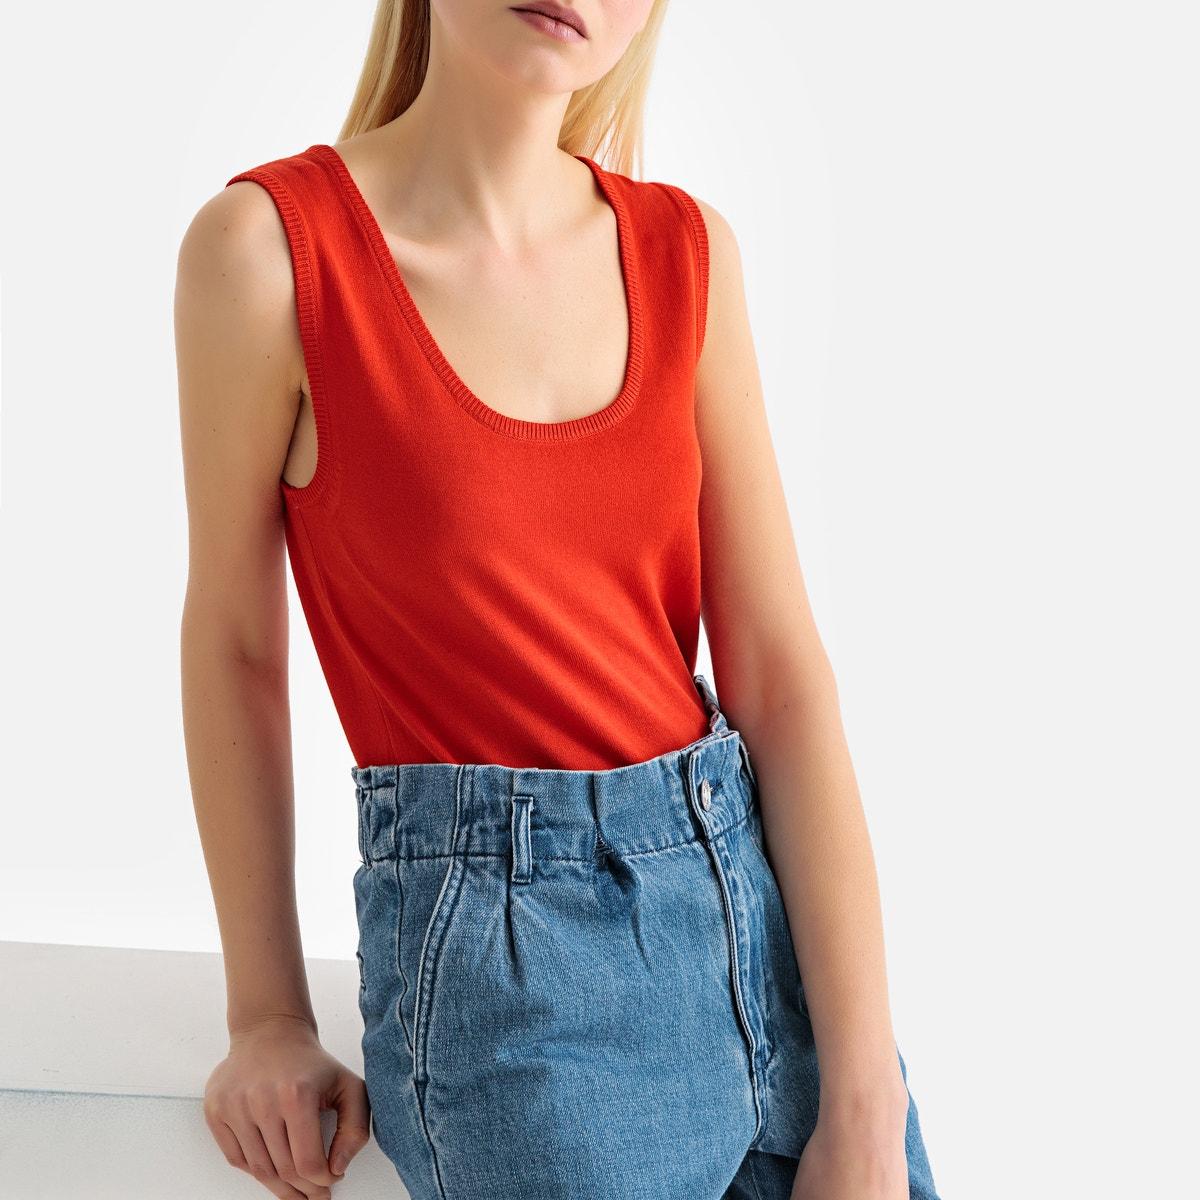 f4b894622a La Redoute Womens Fine Gauge Knit Tank Top 350134340 | eBay